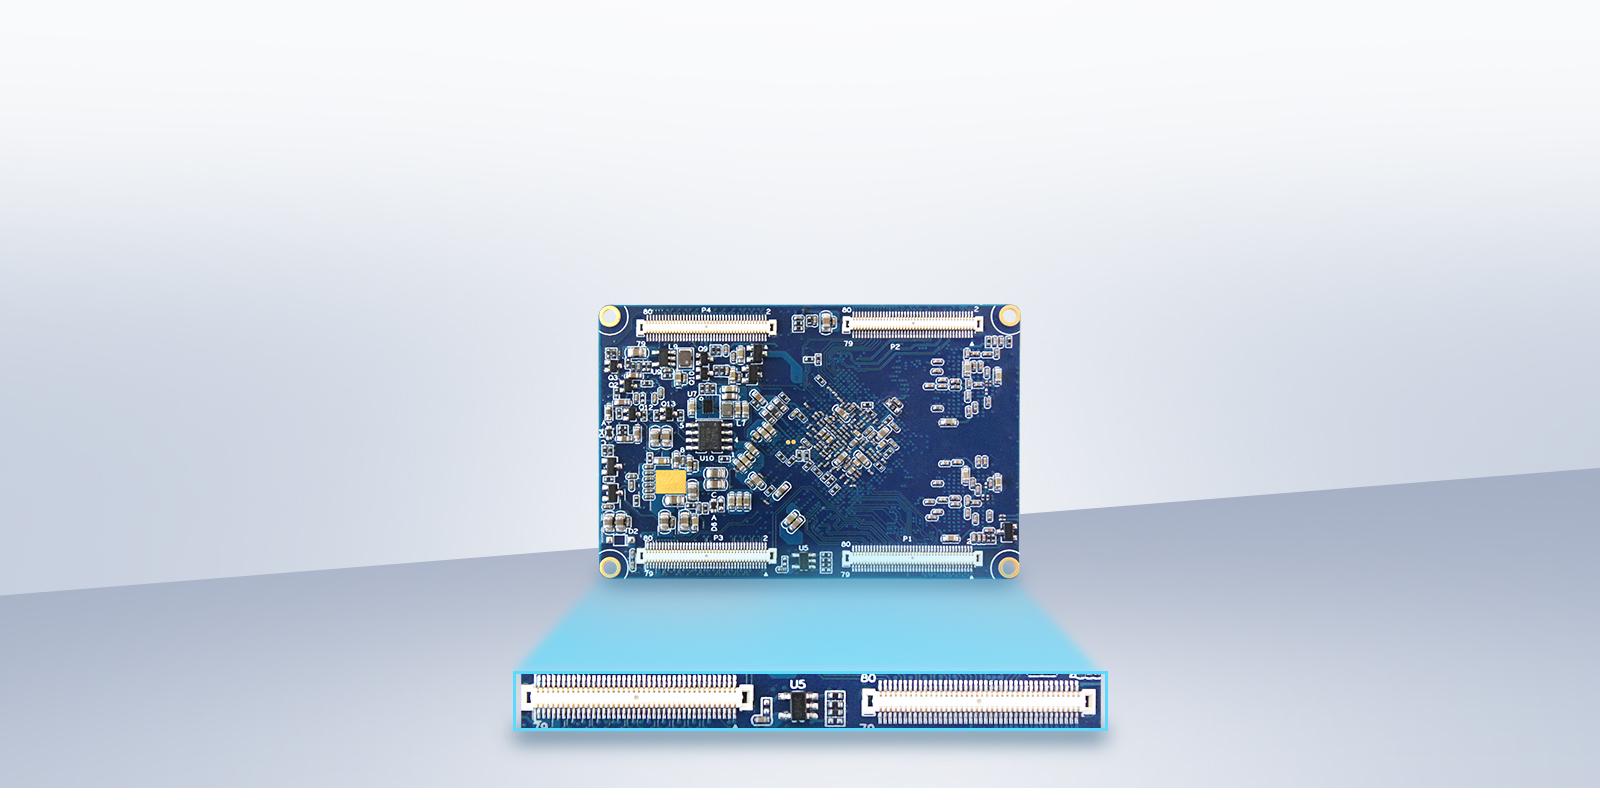 RK3399连接器 PC